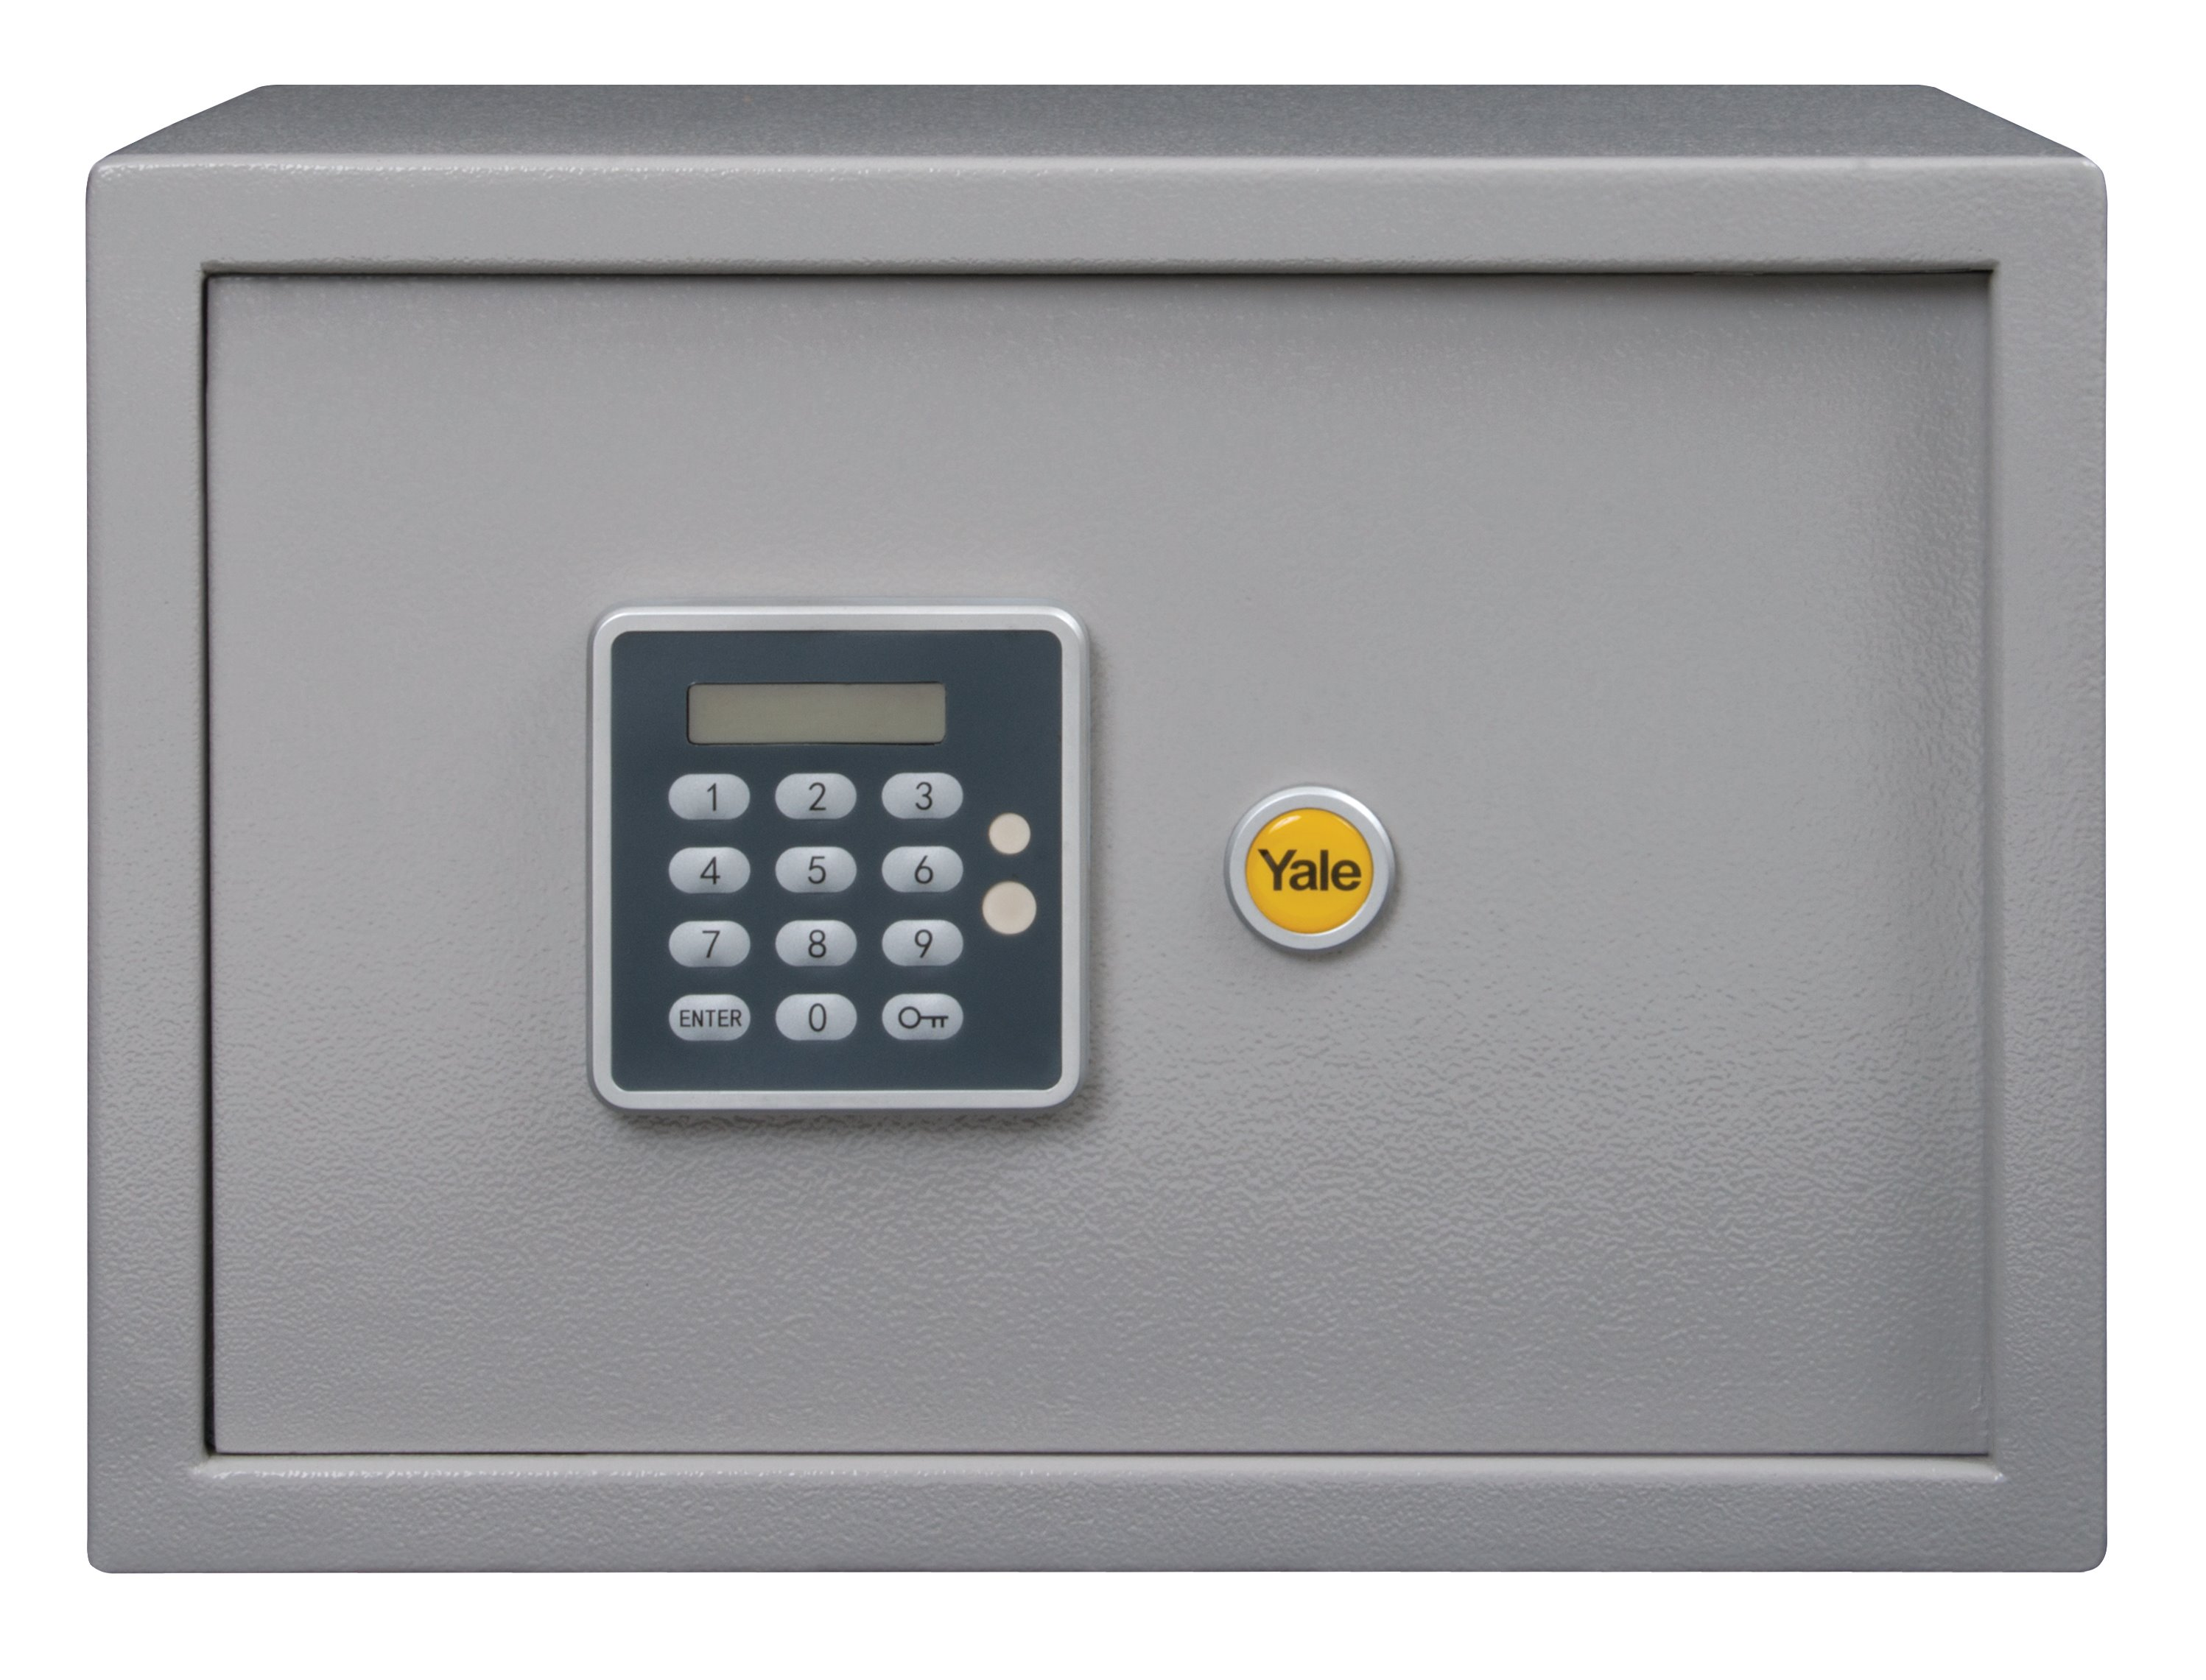 YSE - Motorized safes